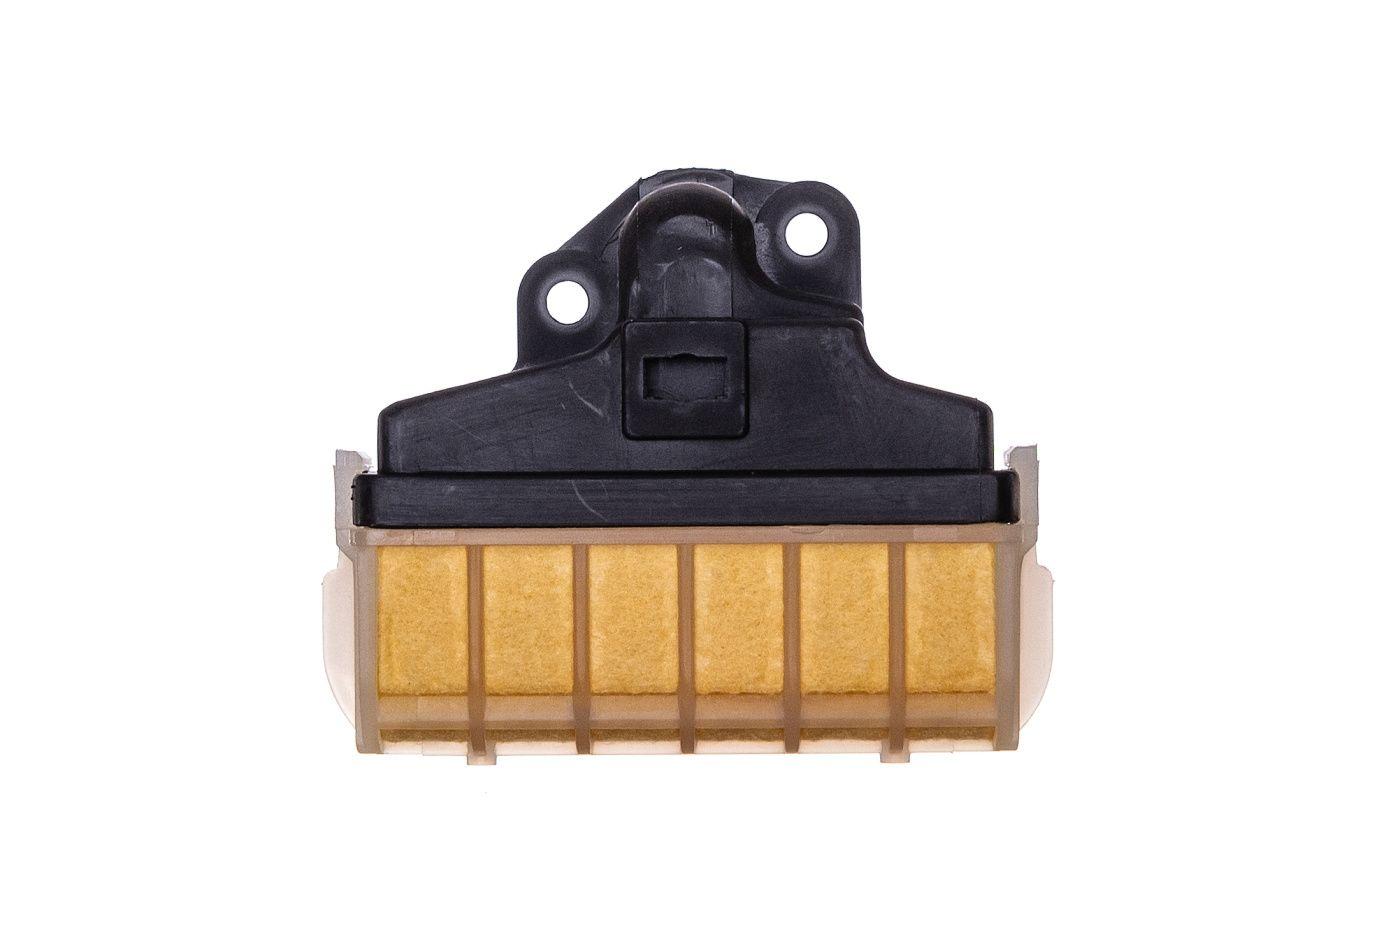 Vzduchový filtr Stihl MS230 MS250